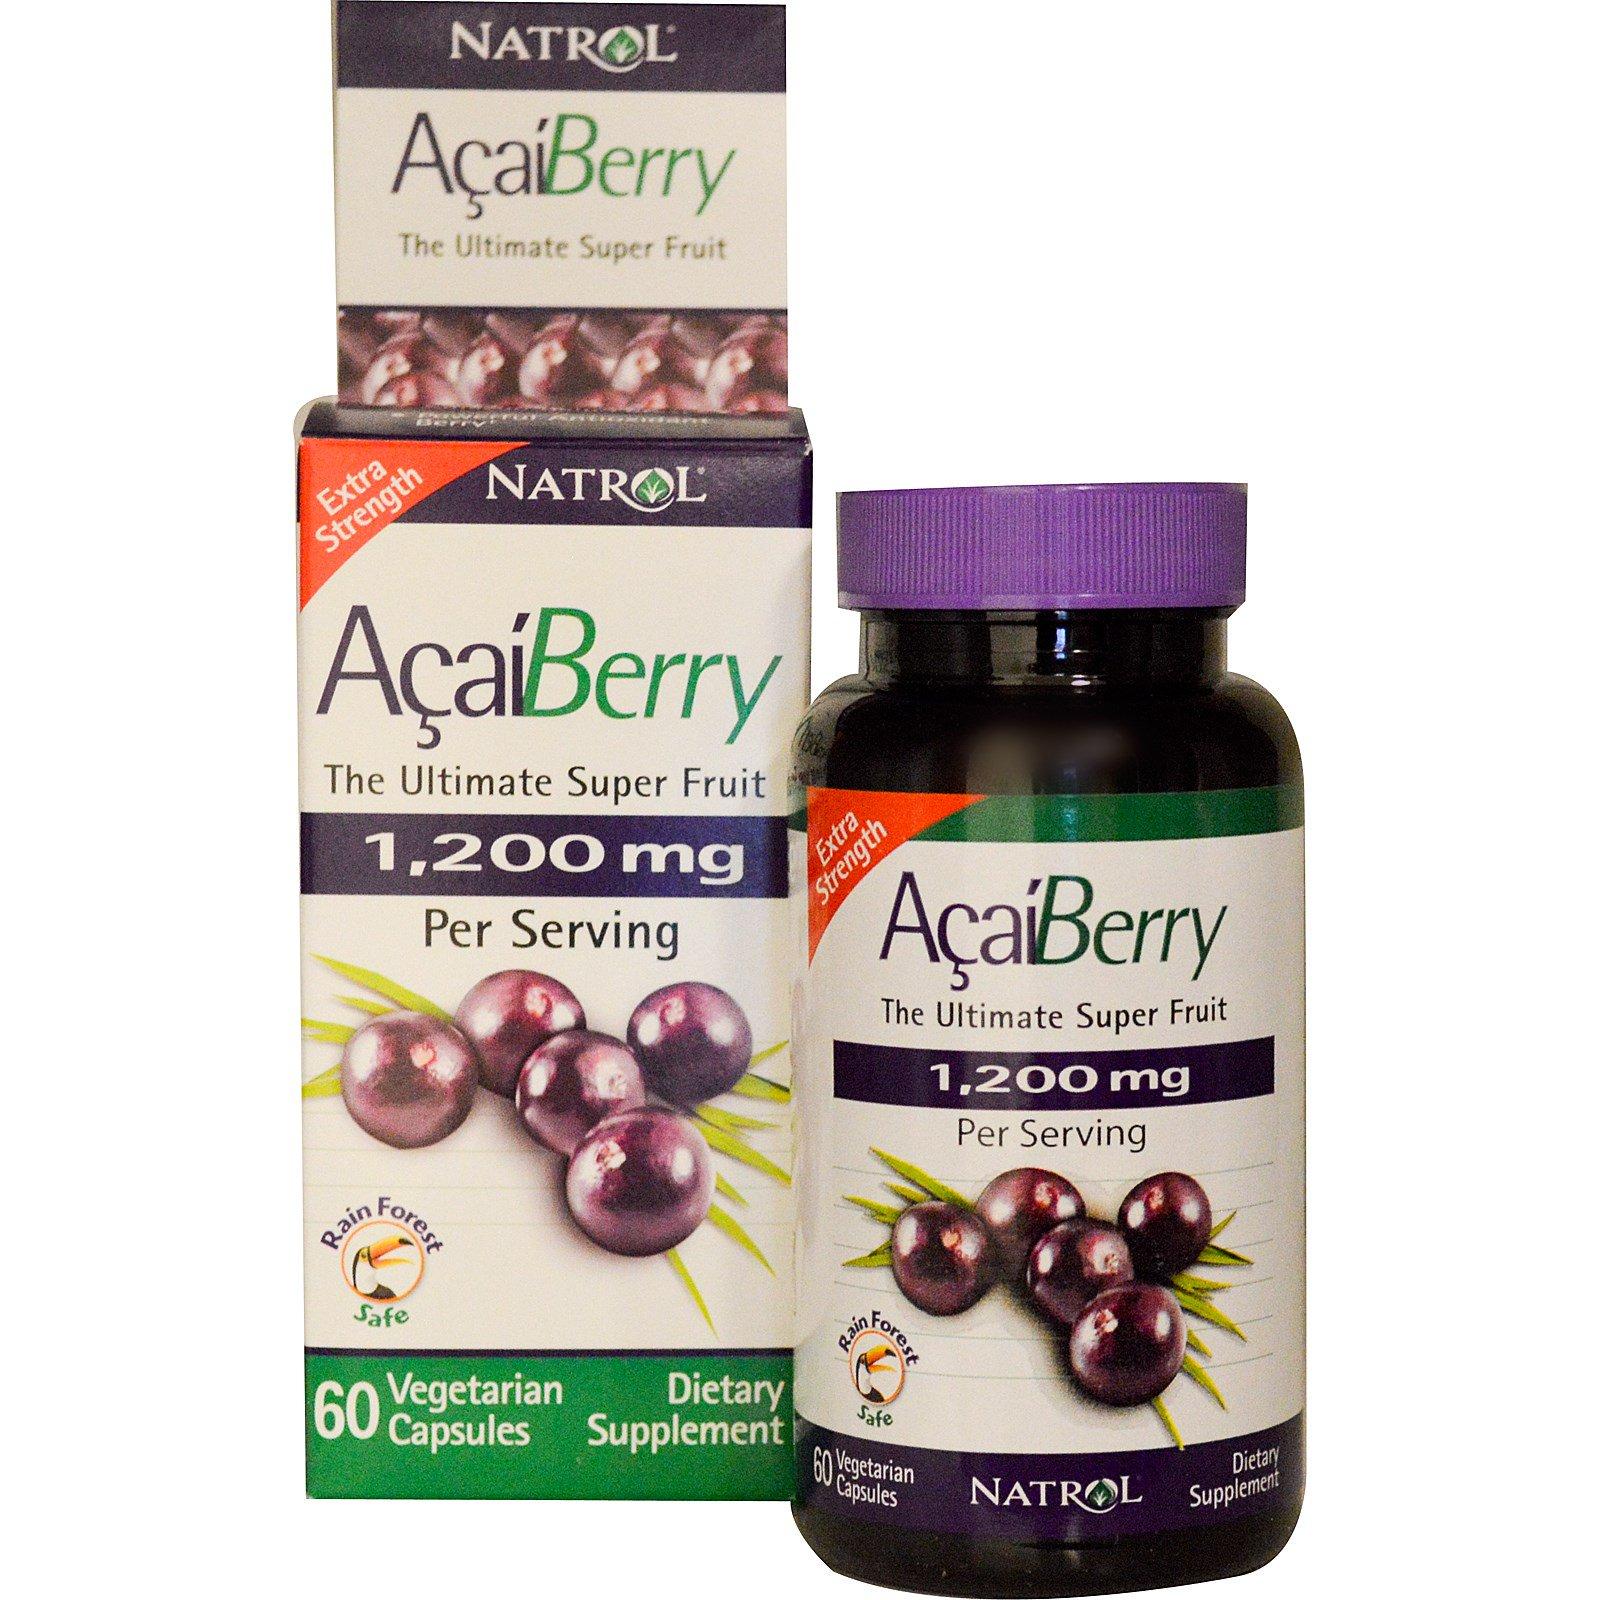 Natrol, Ягода асаи, Питательный плод, Экстра действие, 1200 мг, 60 капсул